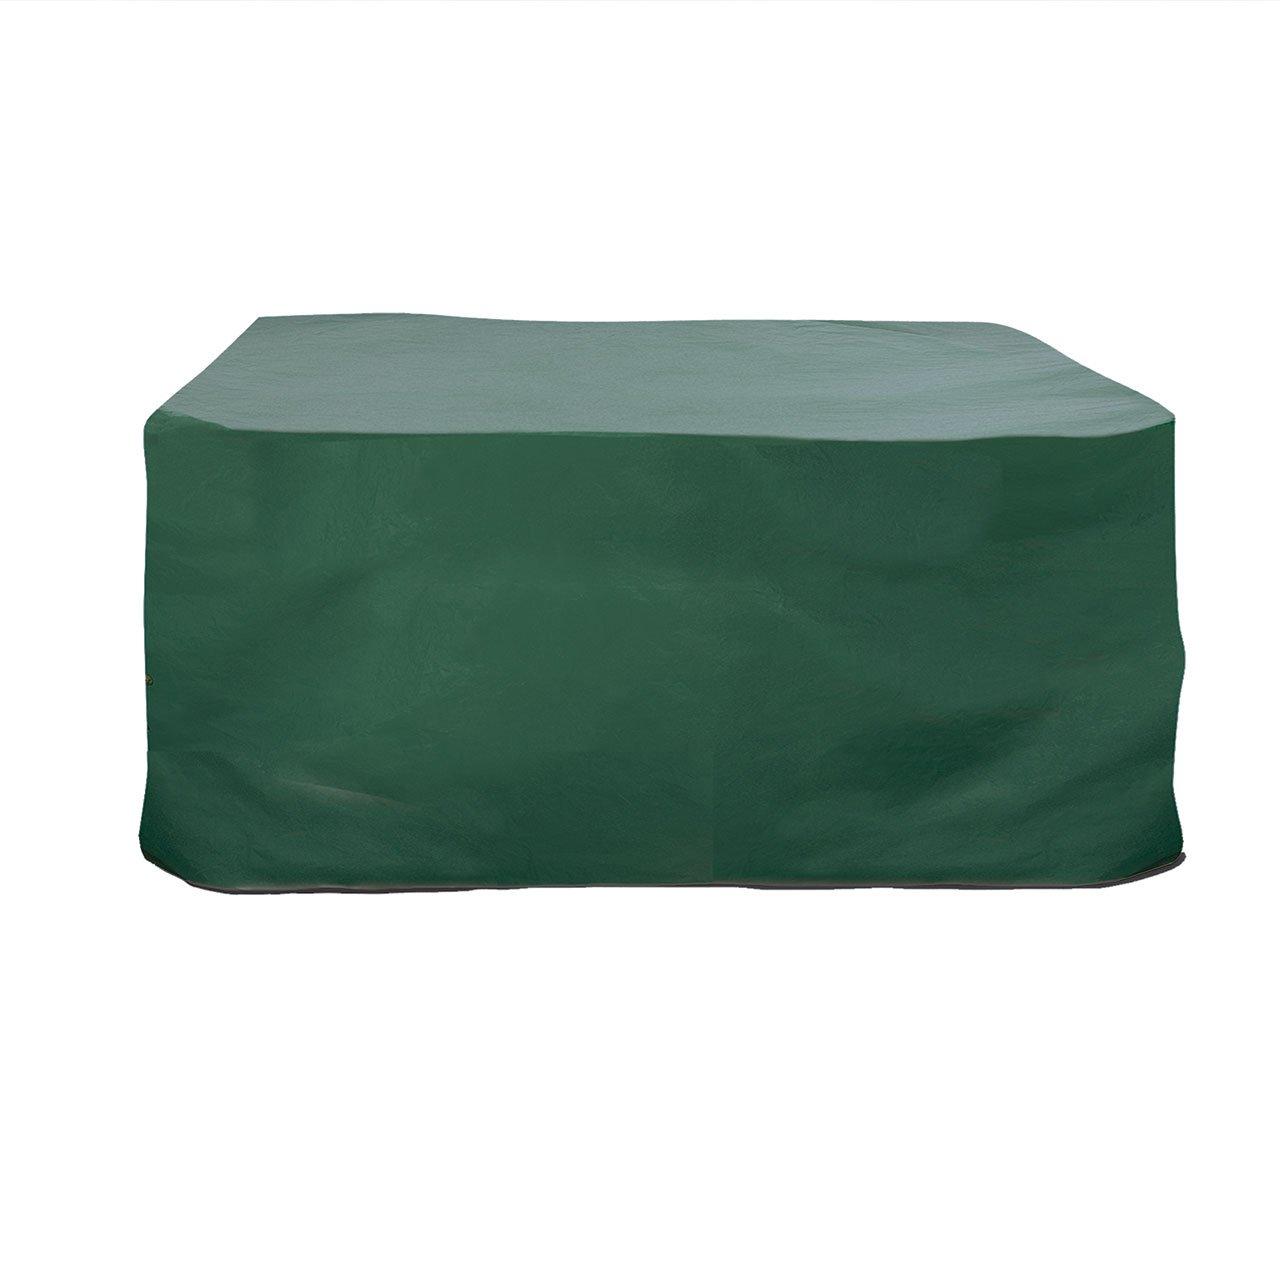 Rayen 6091.10 – Gartenmöbel Abdeckung, mit Gummizug, 200 x 110 x 80cm günstig online kaufen